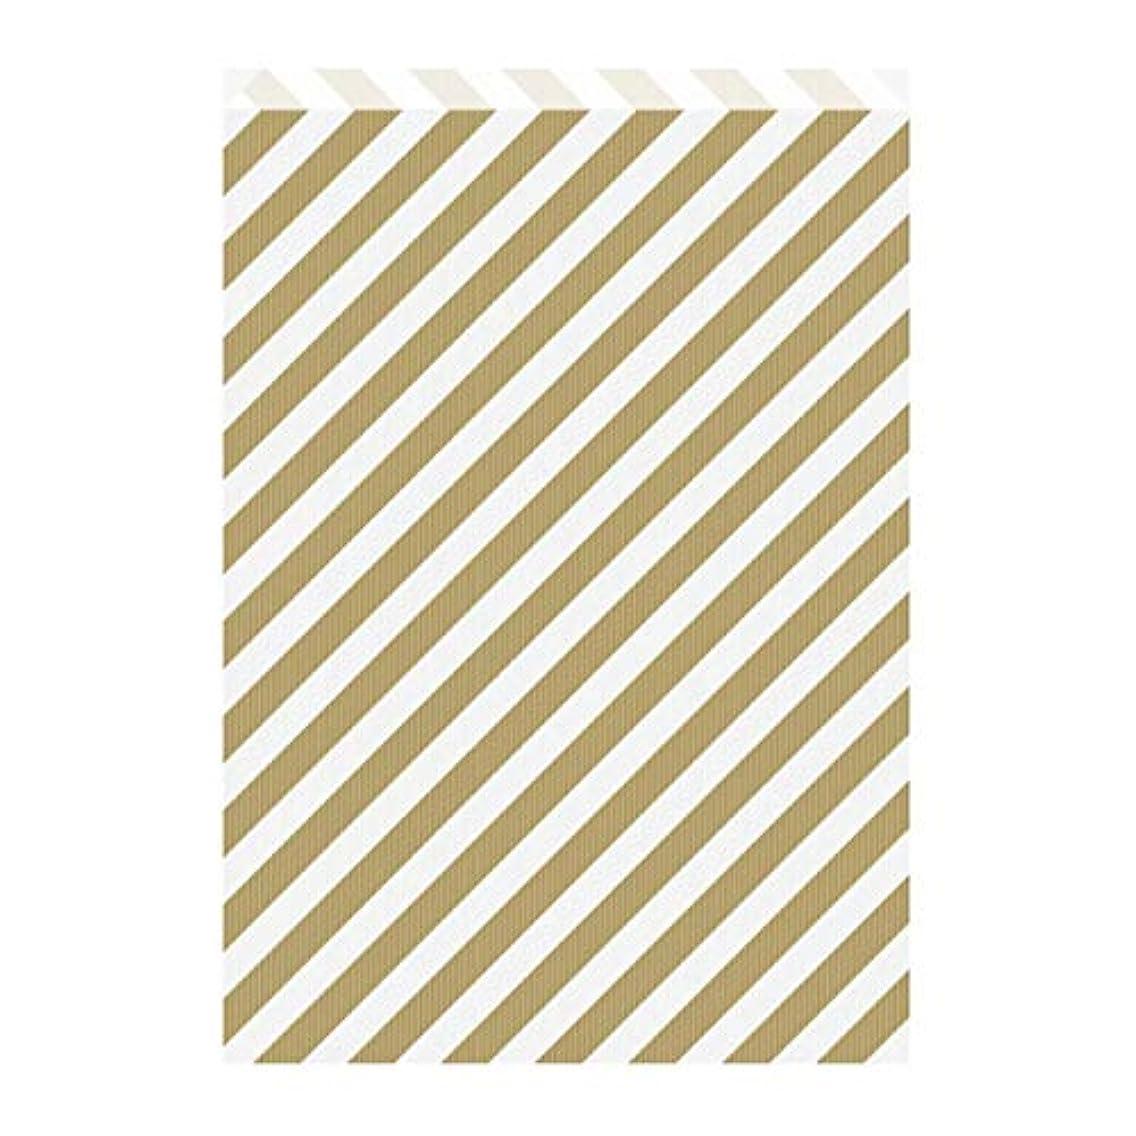 Garcia de Pou Flat Bags Striped 60 GSM in Box, 26 + 9 x 38 cm, Kraft, Gold, 26 x 38 x 30 cm